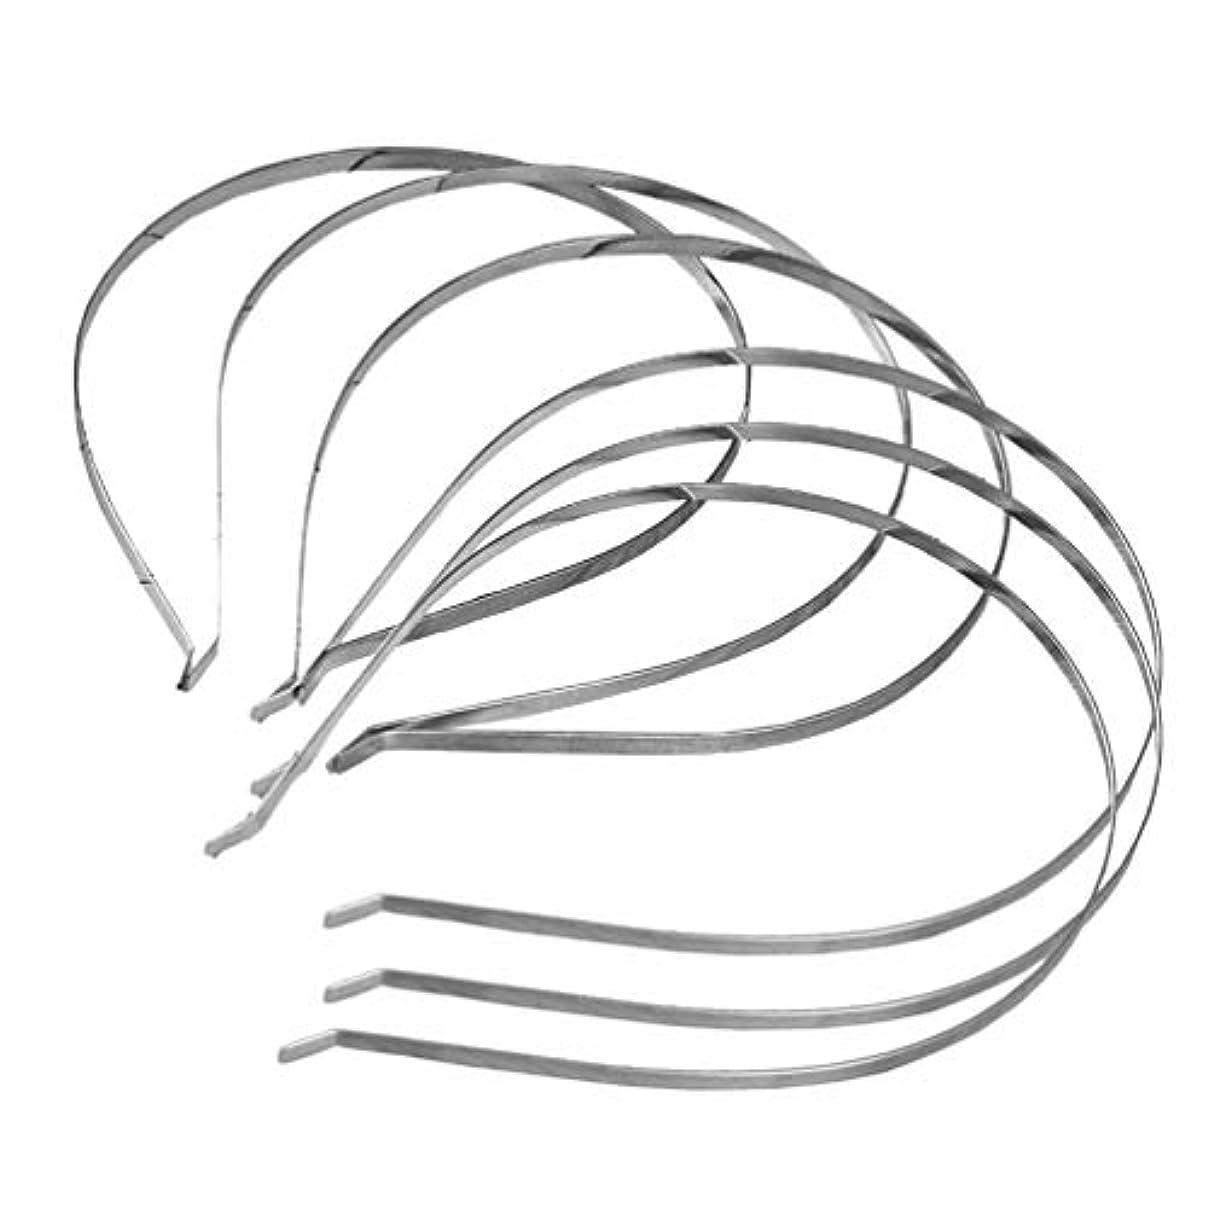 フィード裏切り者追加するLurrose 6個のメタルヘアフープヘッドバンド男性女性スポーツ帽子ヘアアクセサリー